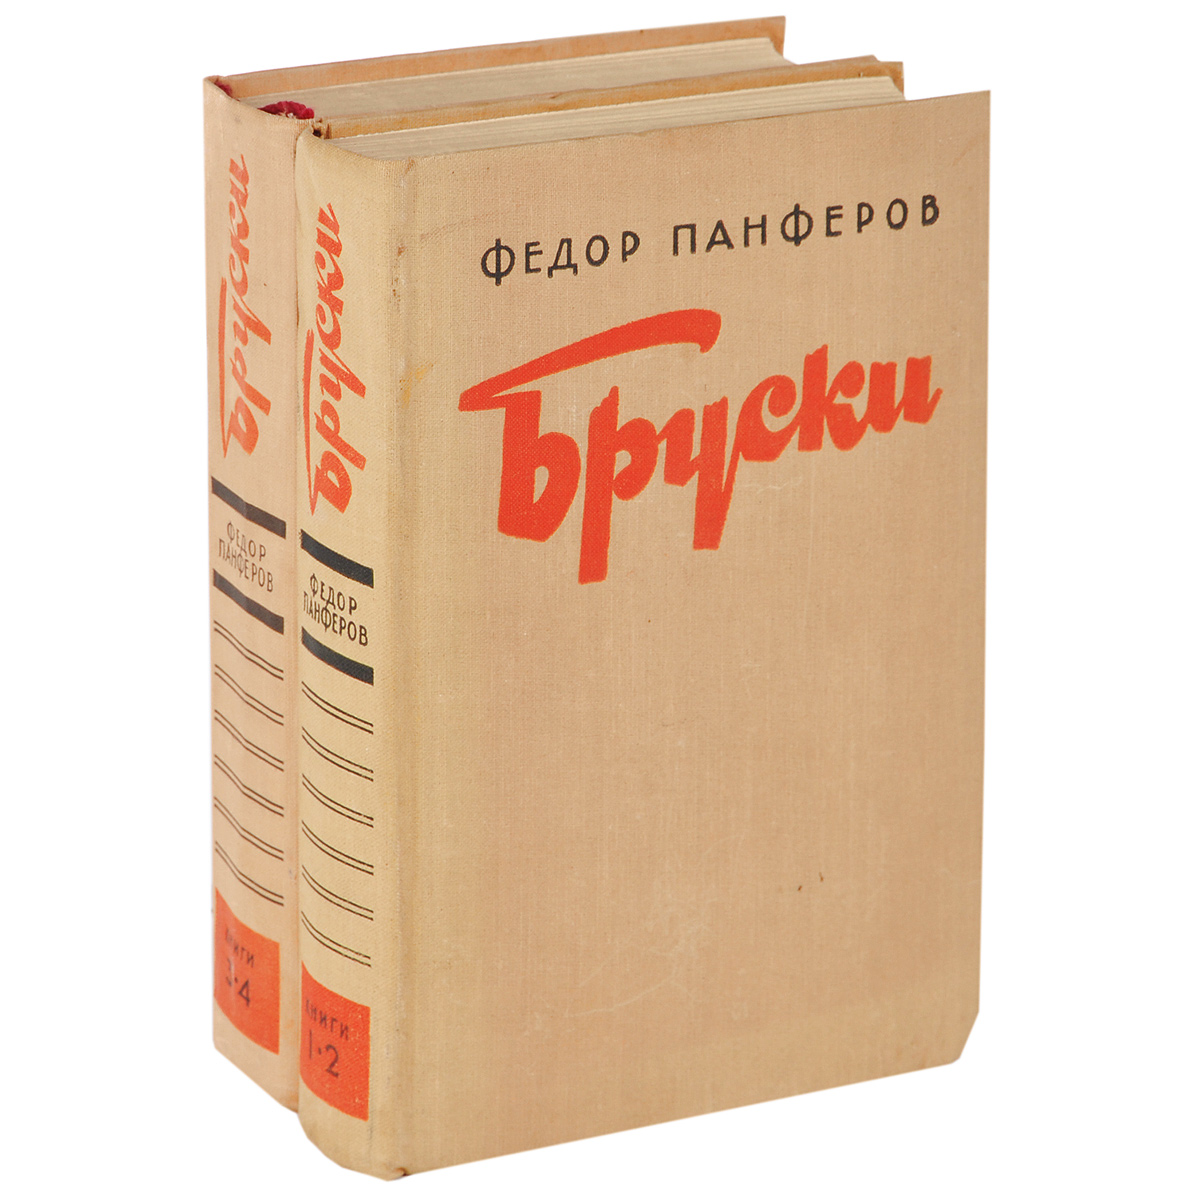 Федор Панферов Бруски (комплект из 2 книг)